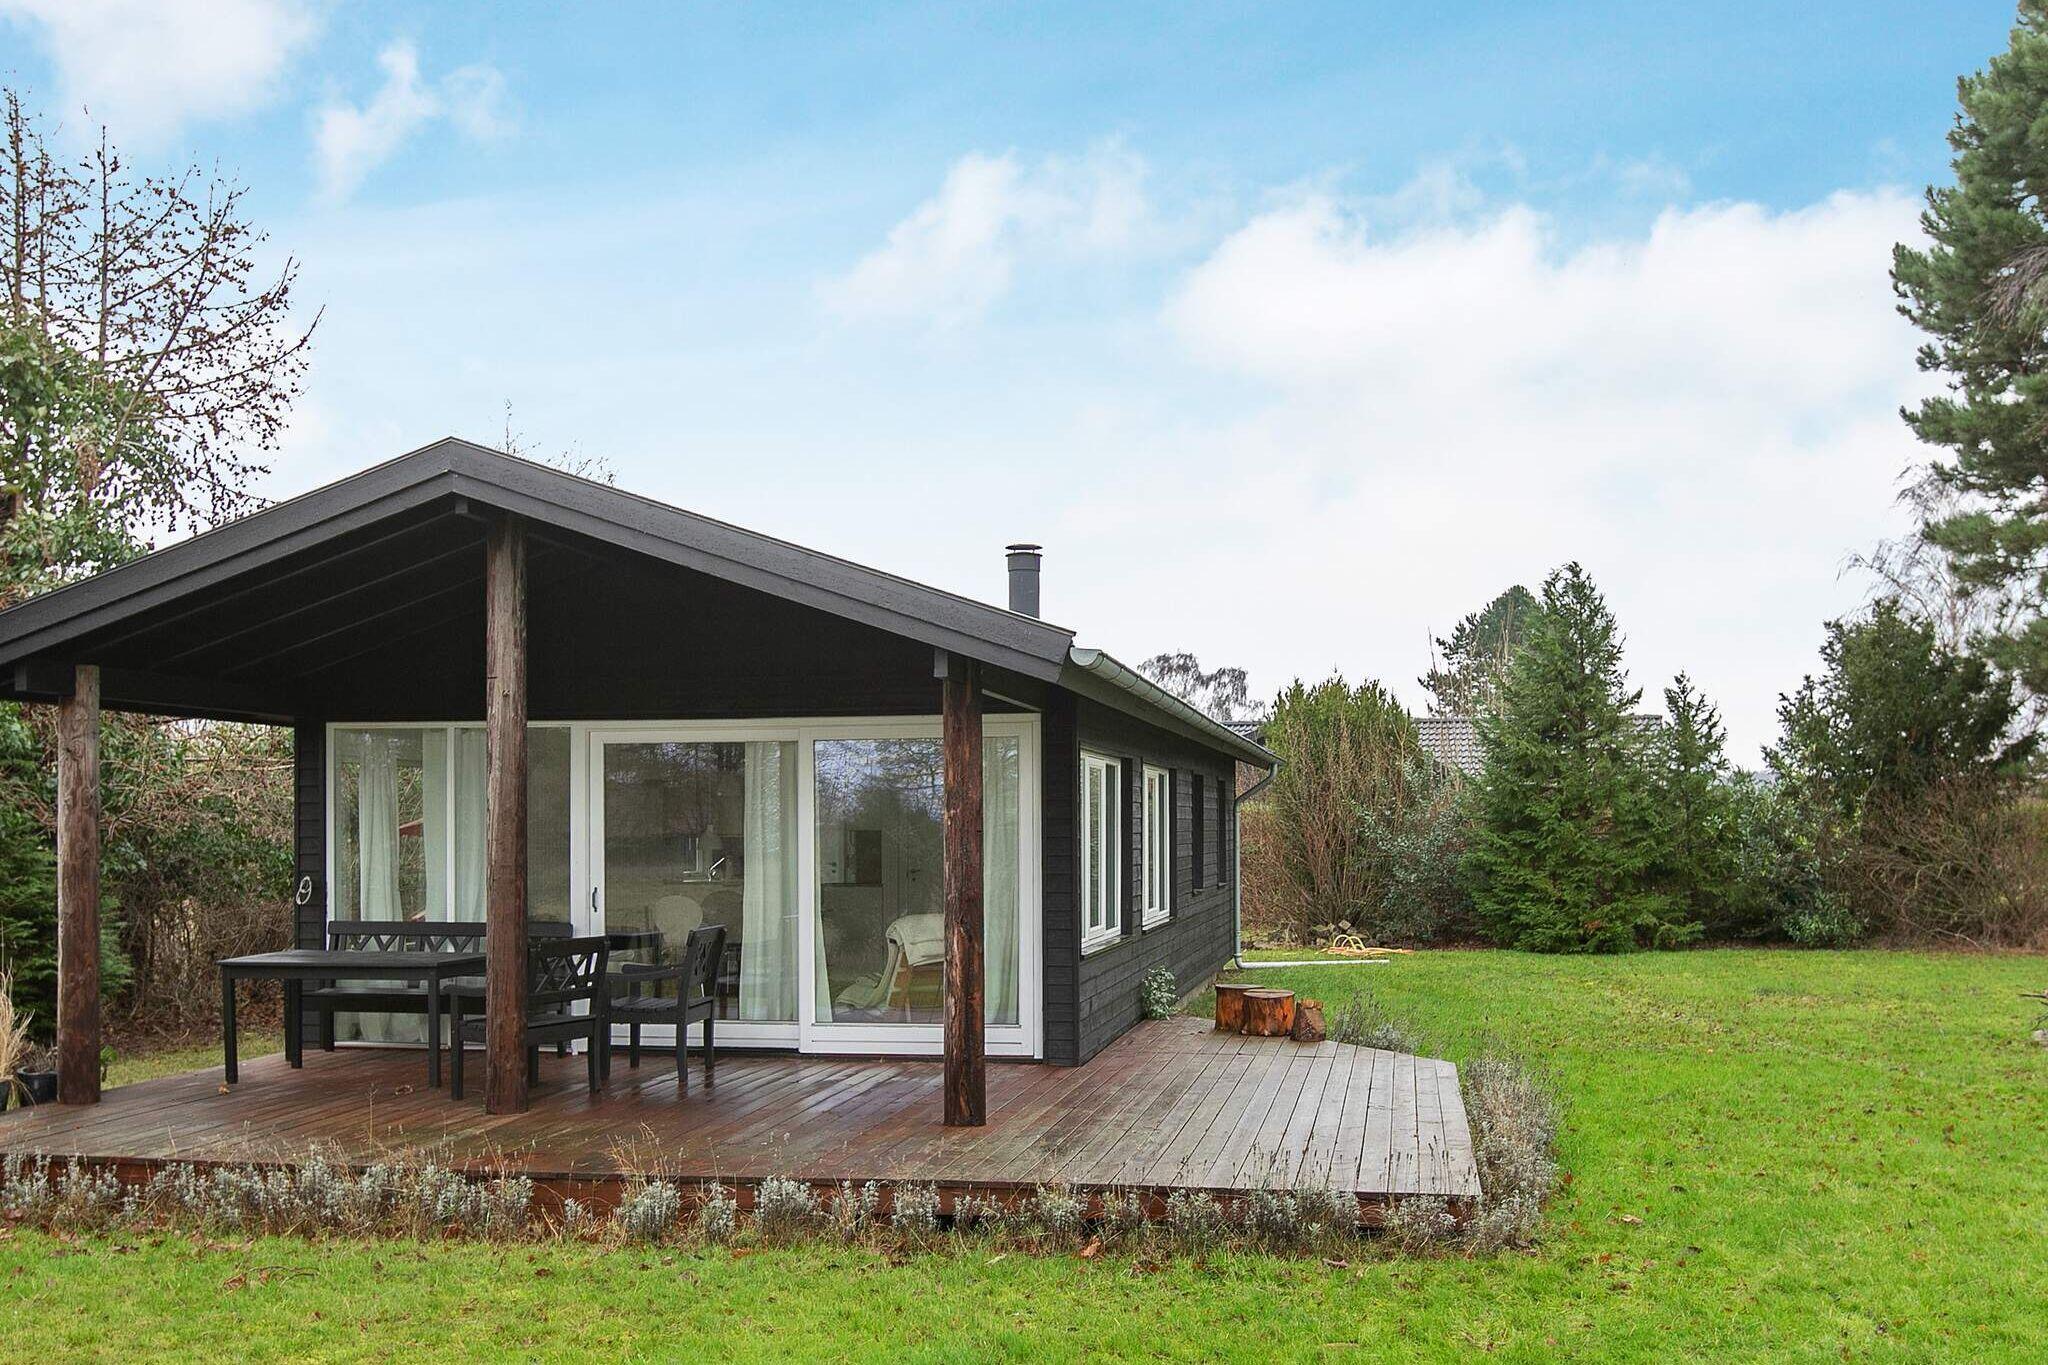 Holiday home in Karrebaeksminde for 6 persons